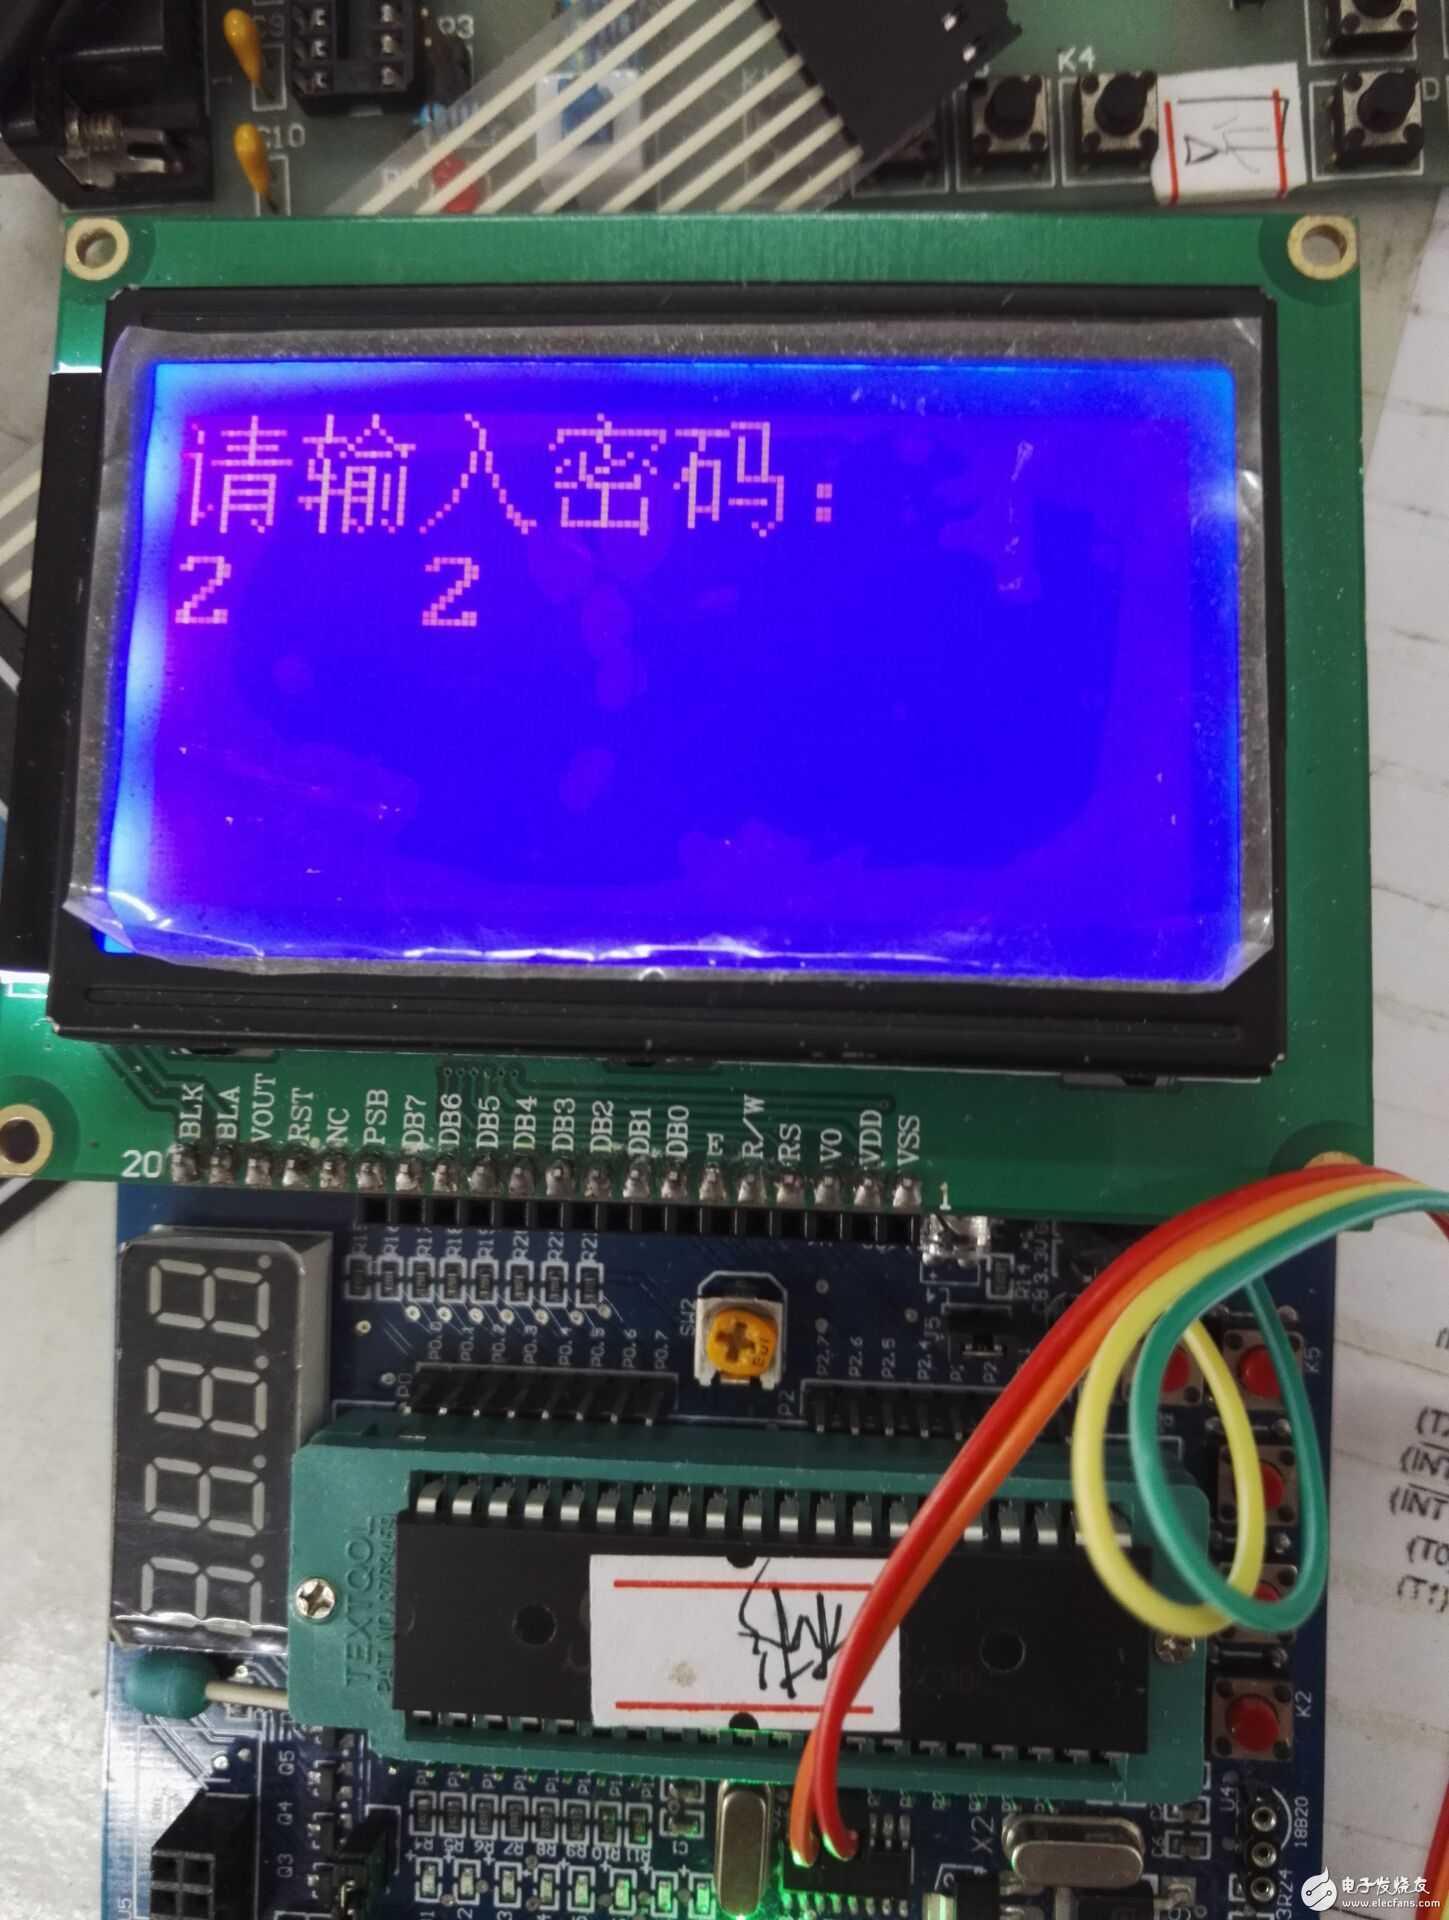 蓝牙电子密码锁,矩阵按键在12864上显示可以显示多个